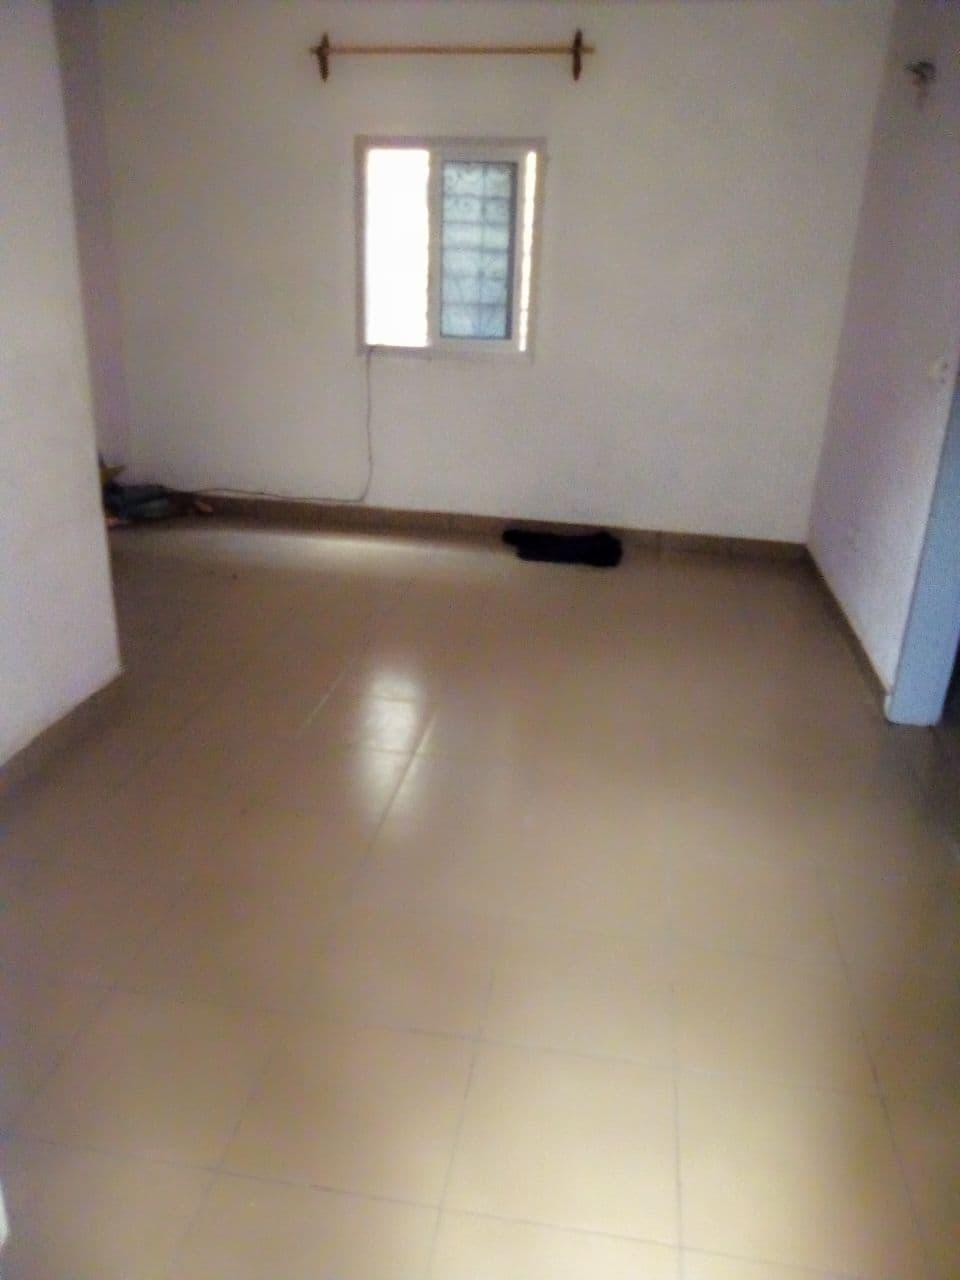 Apartment to rent - Douala, Cité des billes, entrée lycée - 1 living room(s), 1 bedroom(s), 1 bathroom(s) - 50 000 FCFA / month